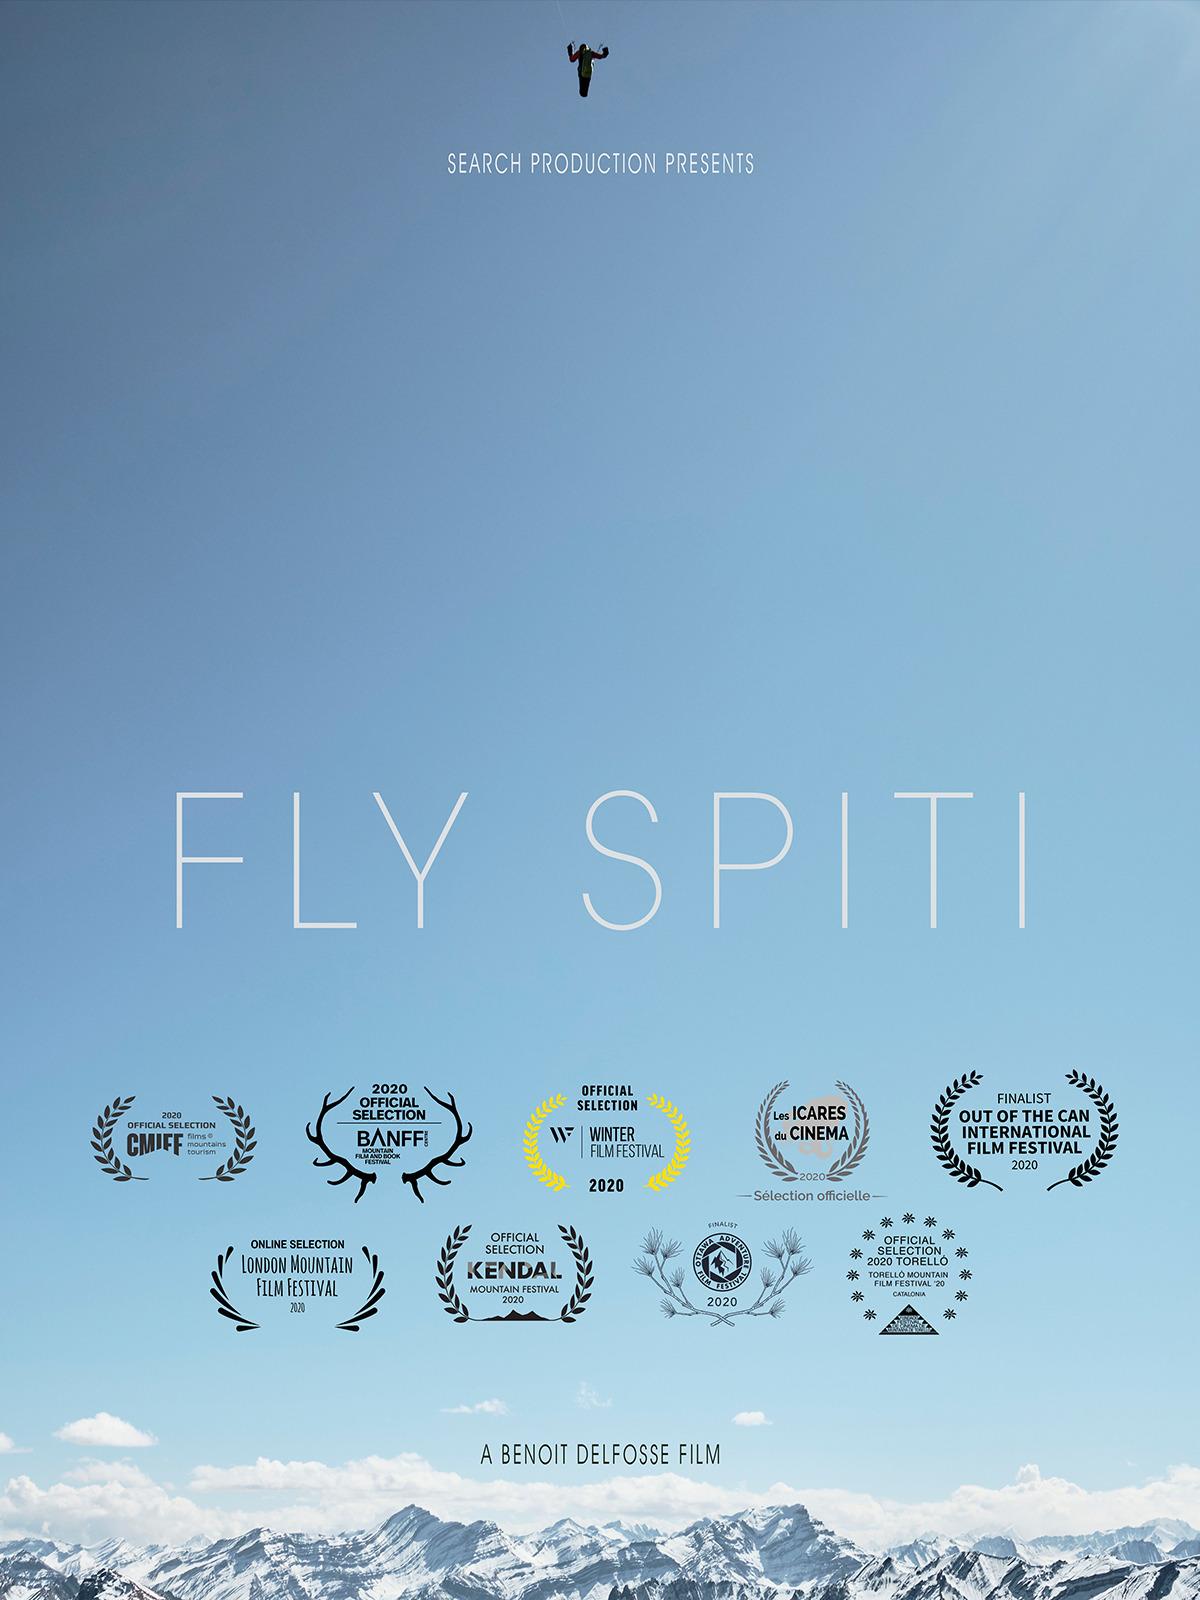 Resultado de imagen para fly spiti